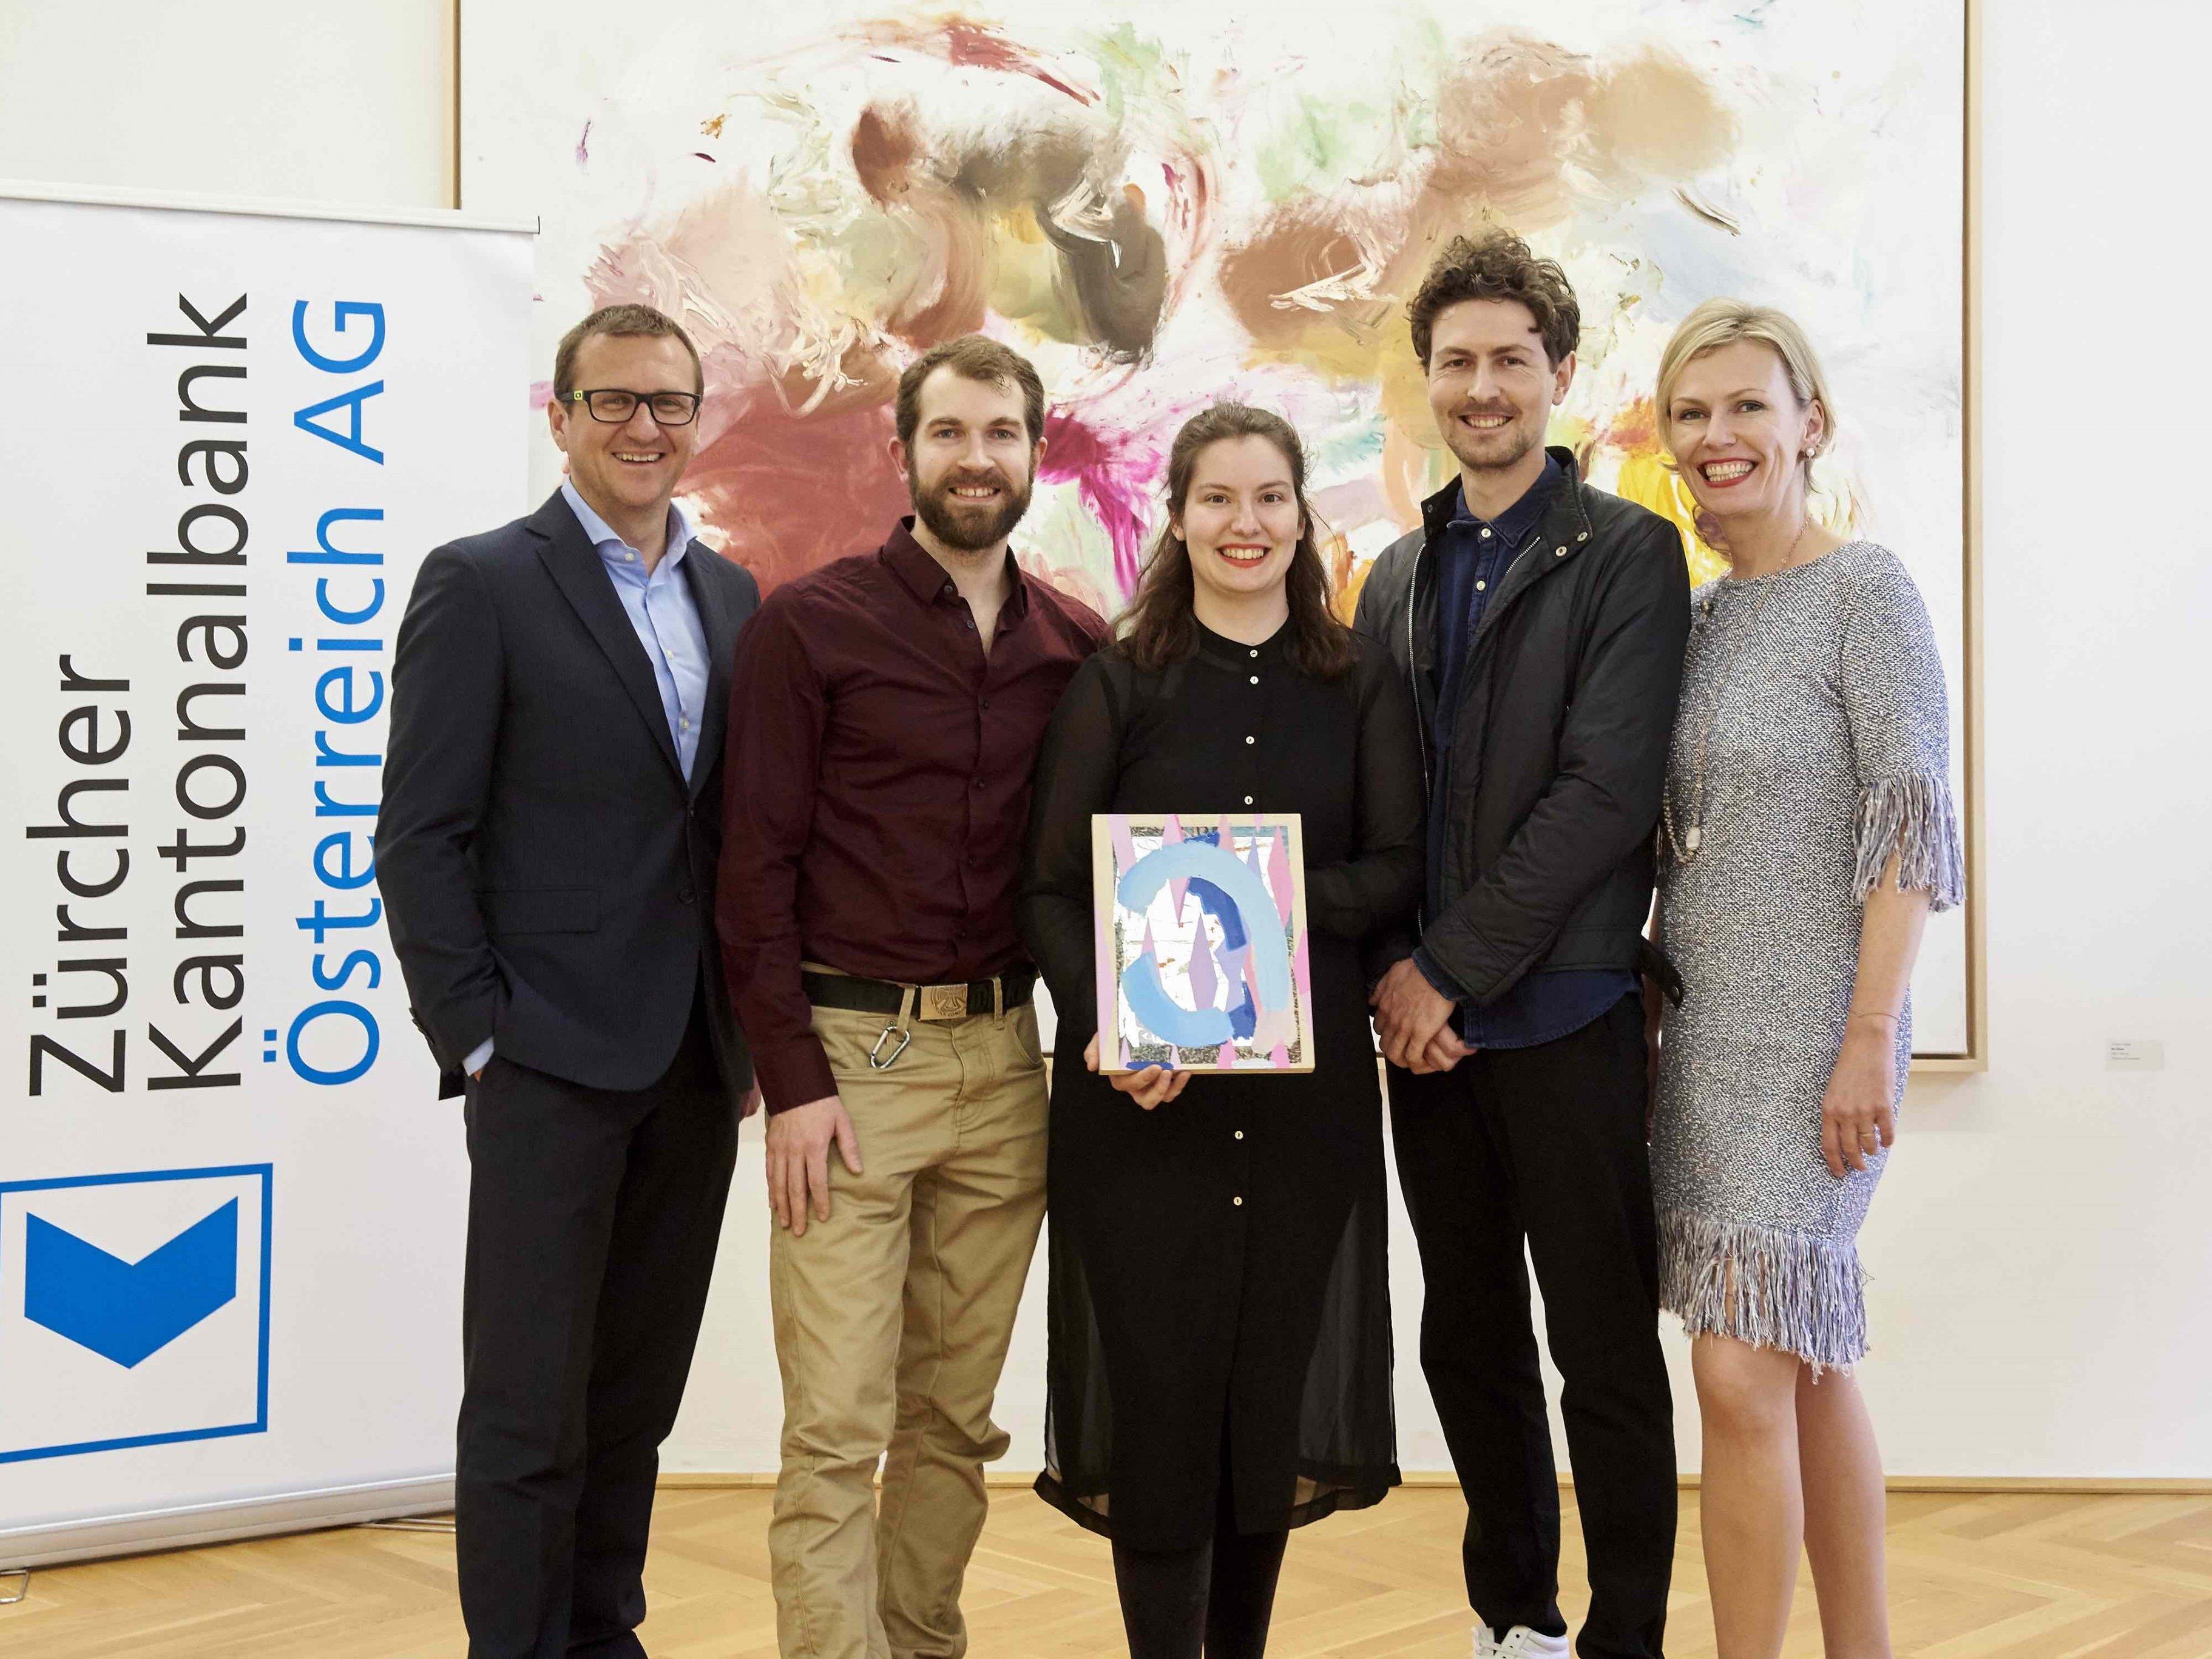 Christian Nemeth, Florian Köhler, Marissa Wedenig, Christian Gailer, Silvia Richter.